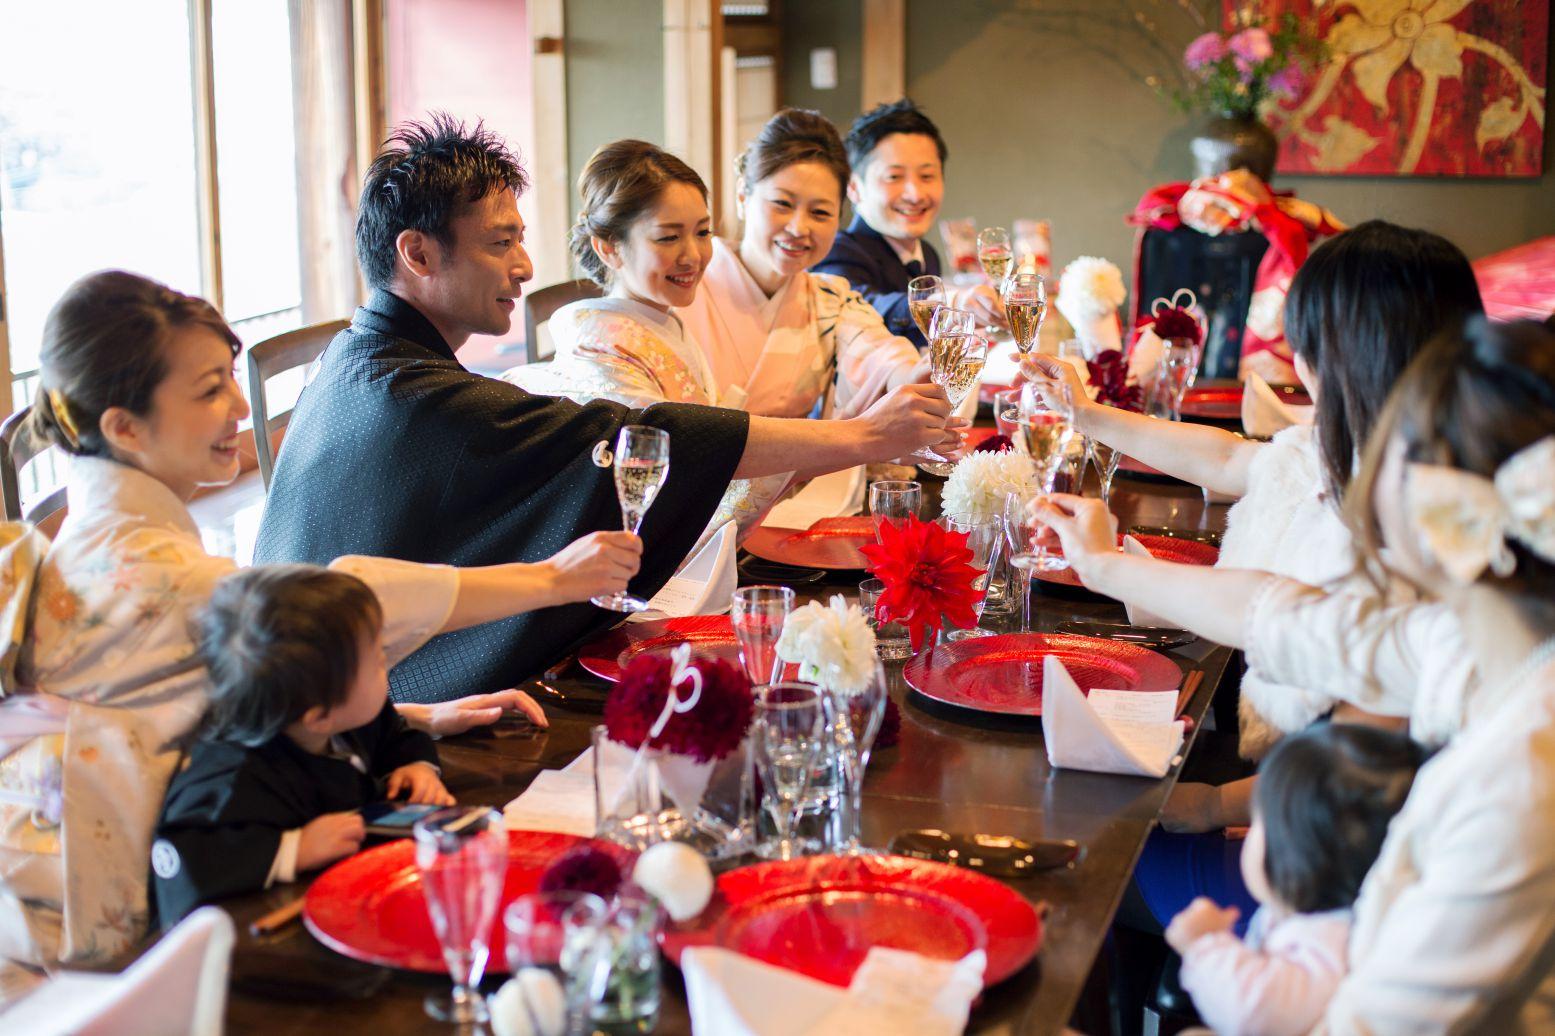 お食事会プラン|神社結婚式・和婚の5万円の定額制格安プラン・お得なキャンペーン|福岡・九州で和装の神社結婚式・和婚ならウェディングセレクト!和婚